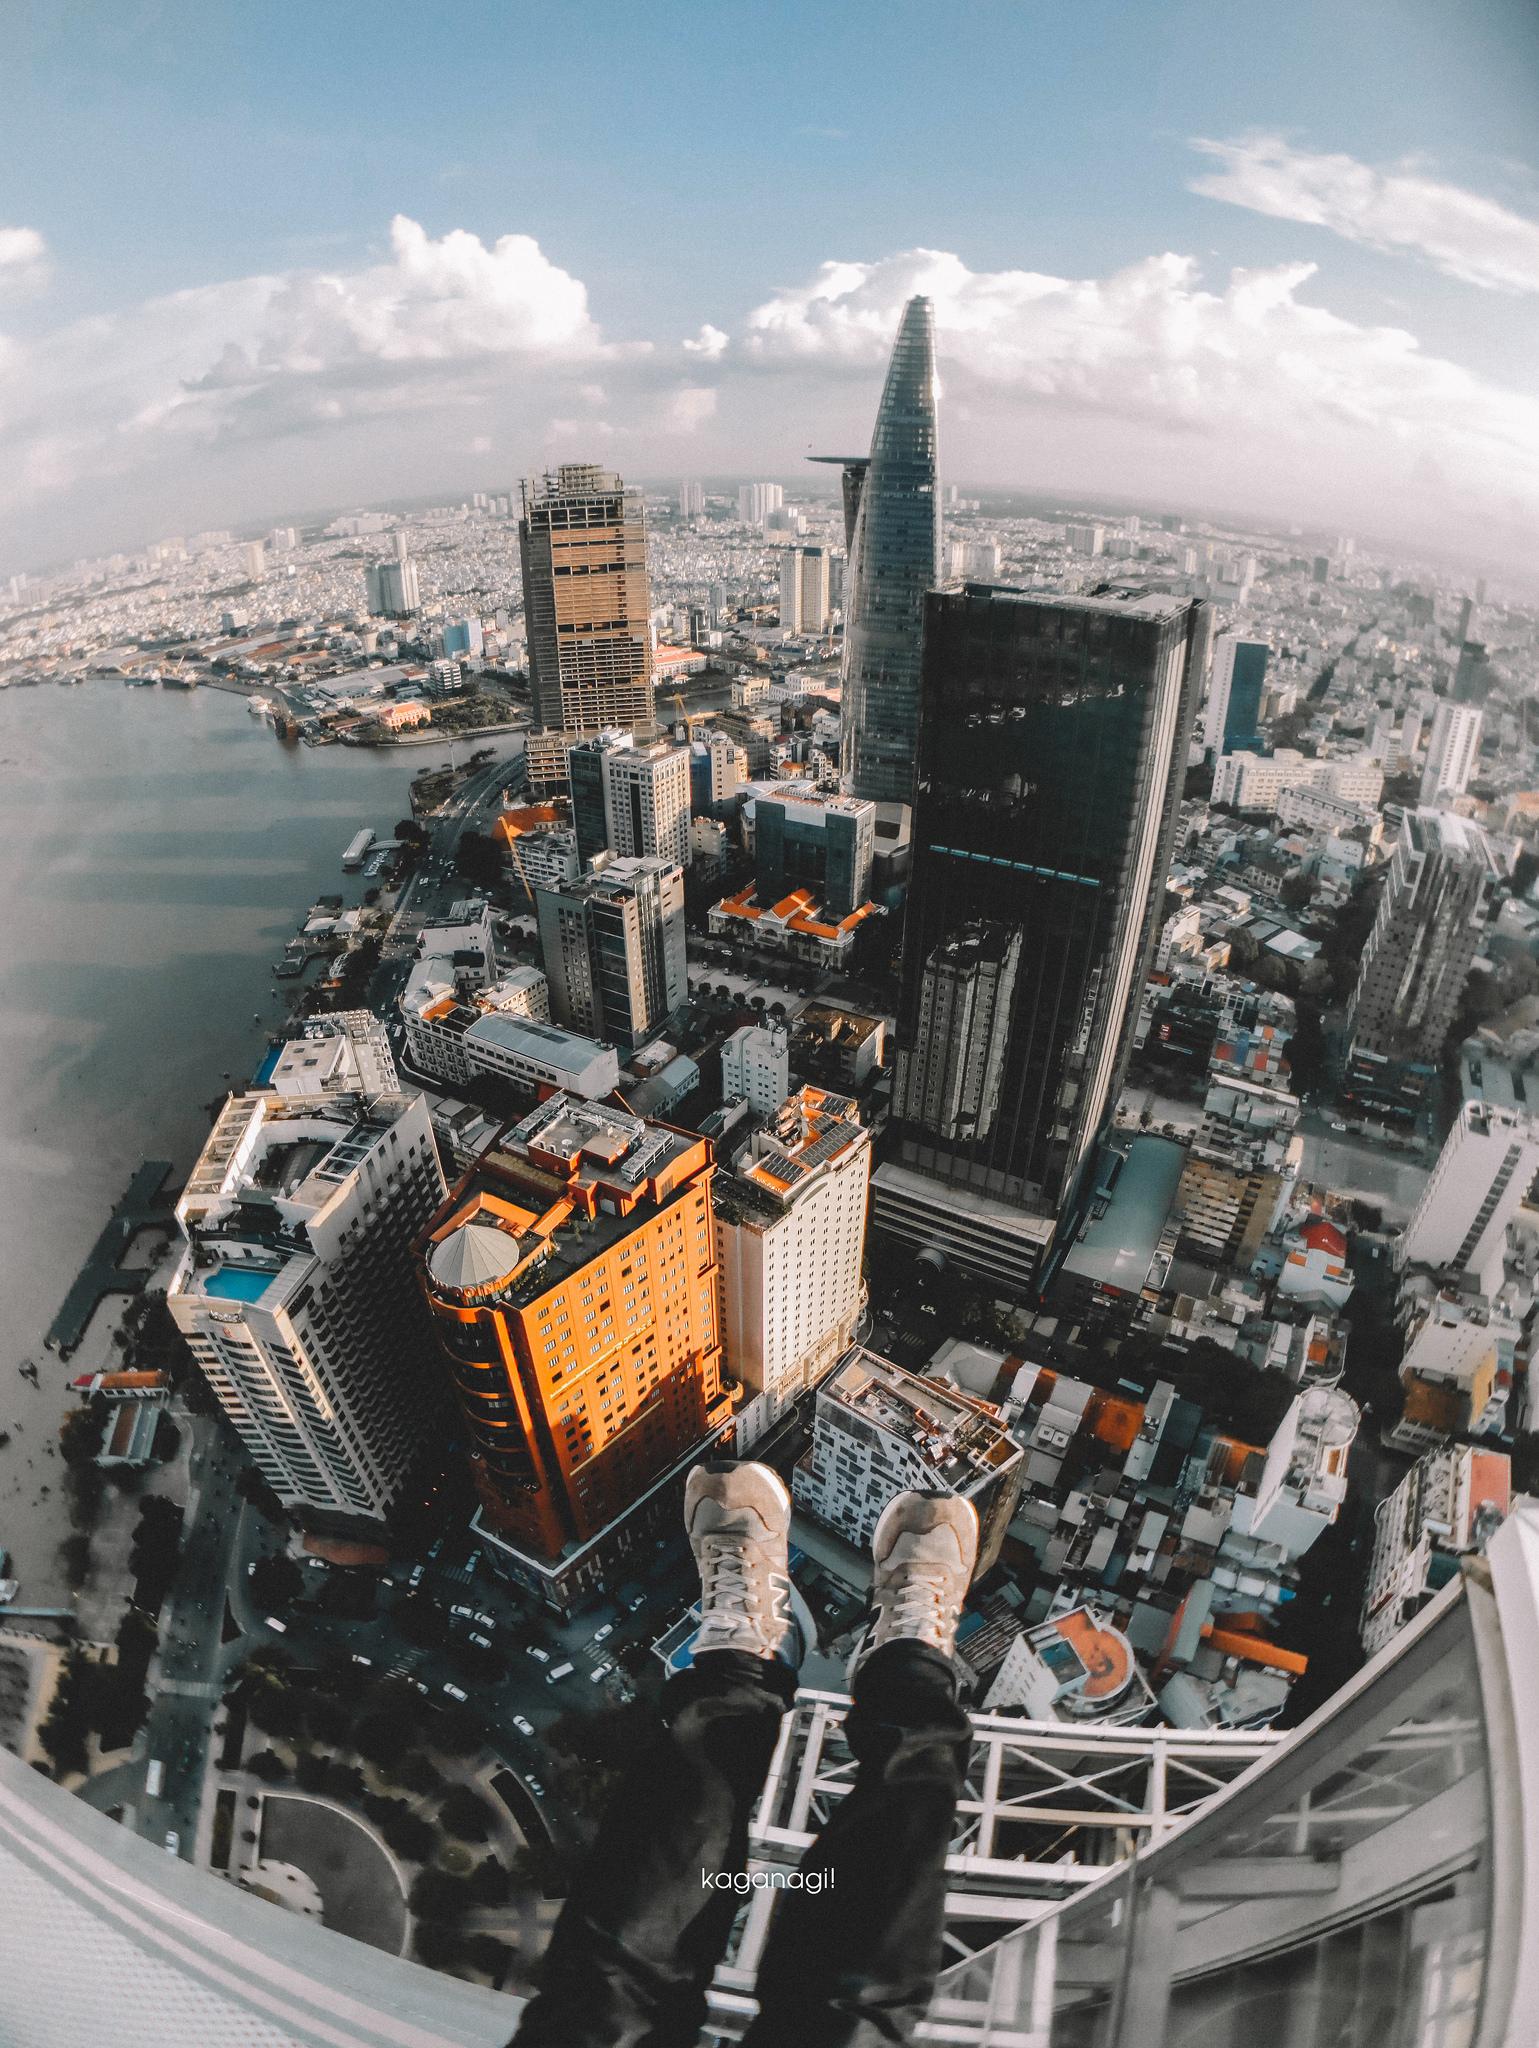 9x với loạt ảnh chụp từ trên cao khiến bạn ngỡ ngàng vì vẻ đẹp choáng ngợp của Sài Gòn - Ảnh 5.